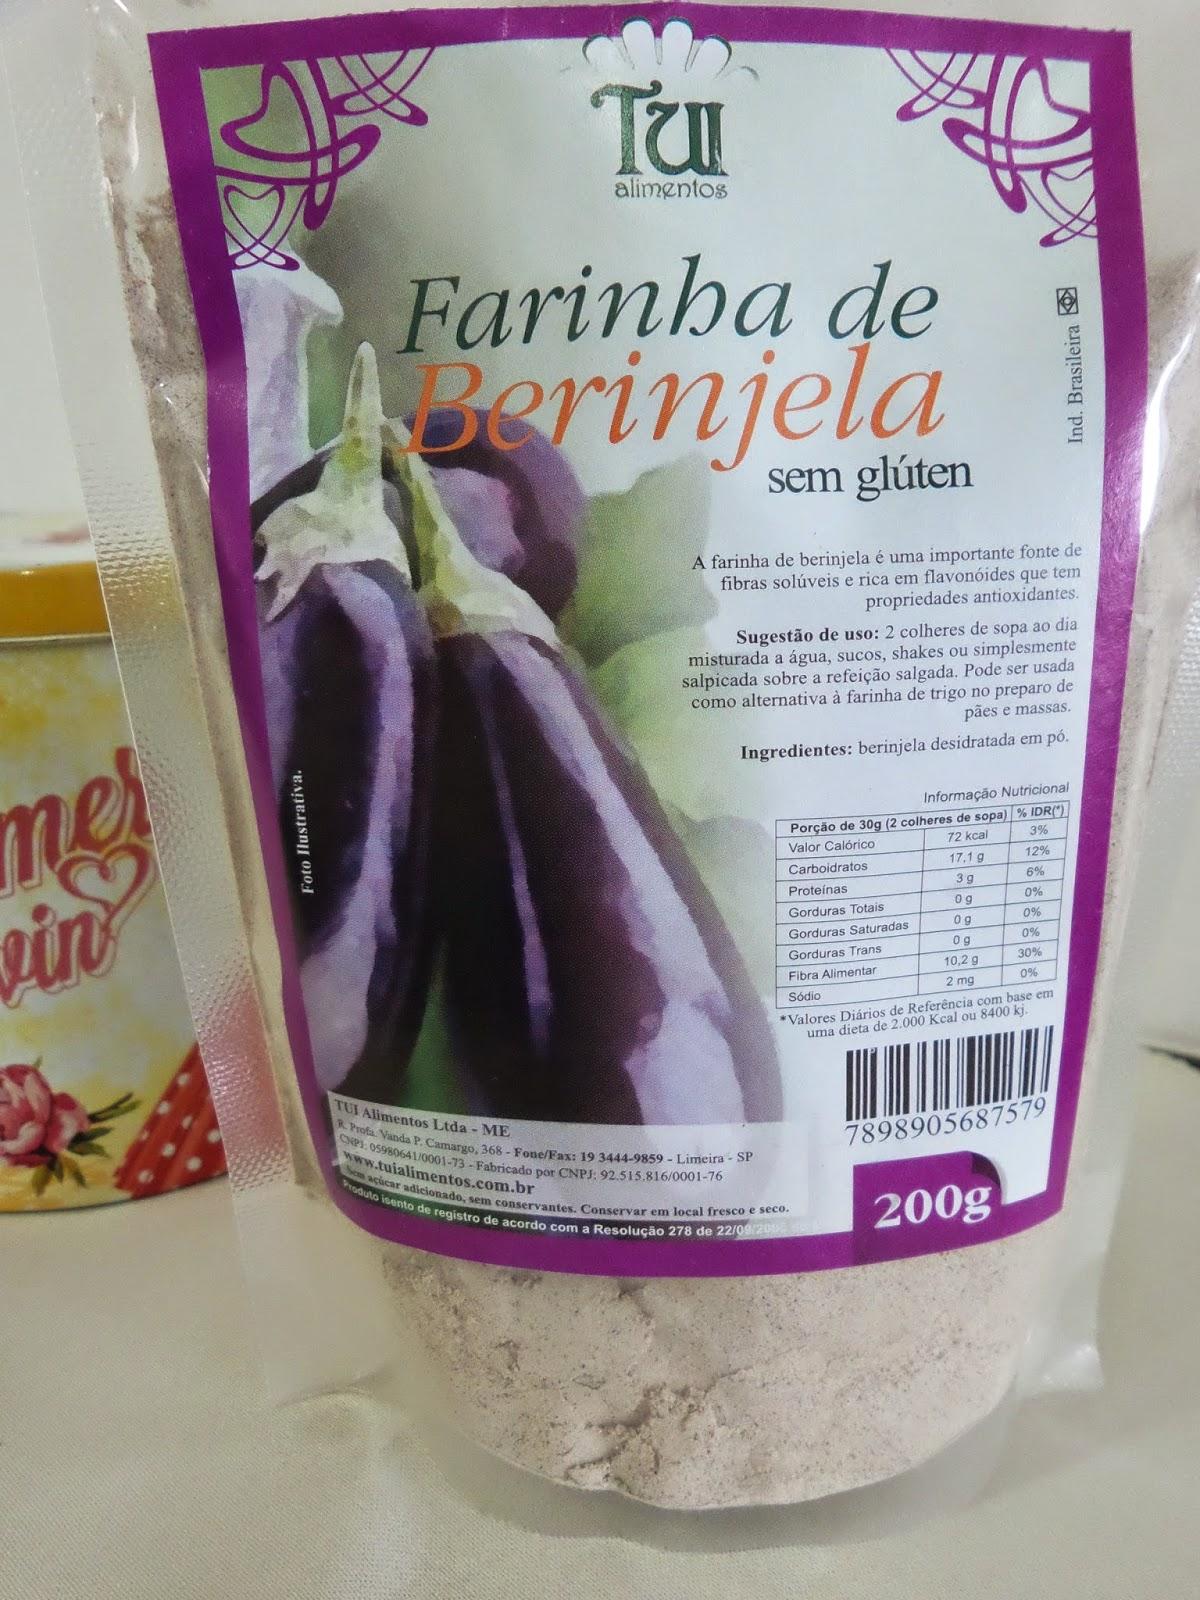 Produtos para emagrecer: Farinha de Berinjela Tui, rica em fibras